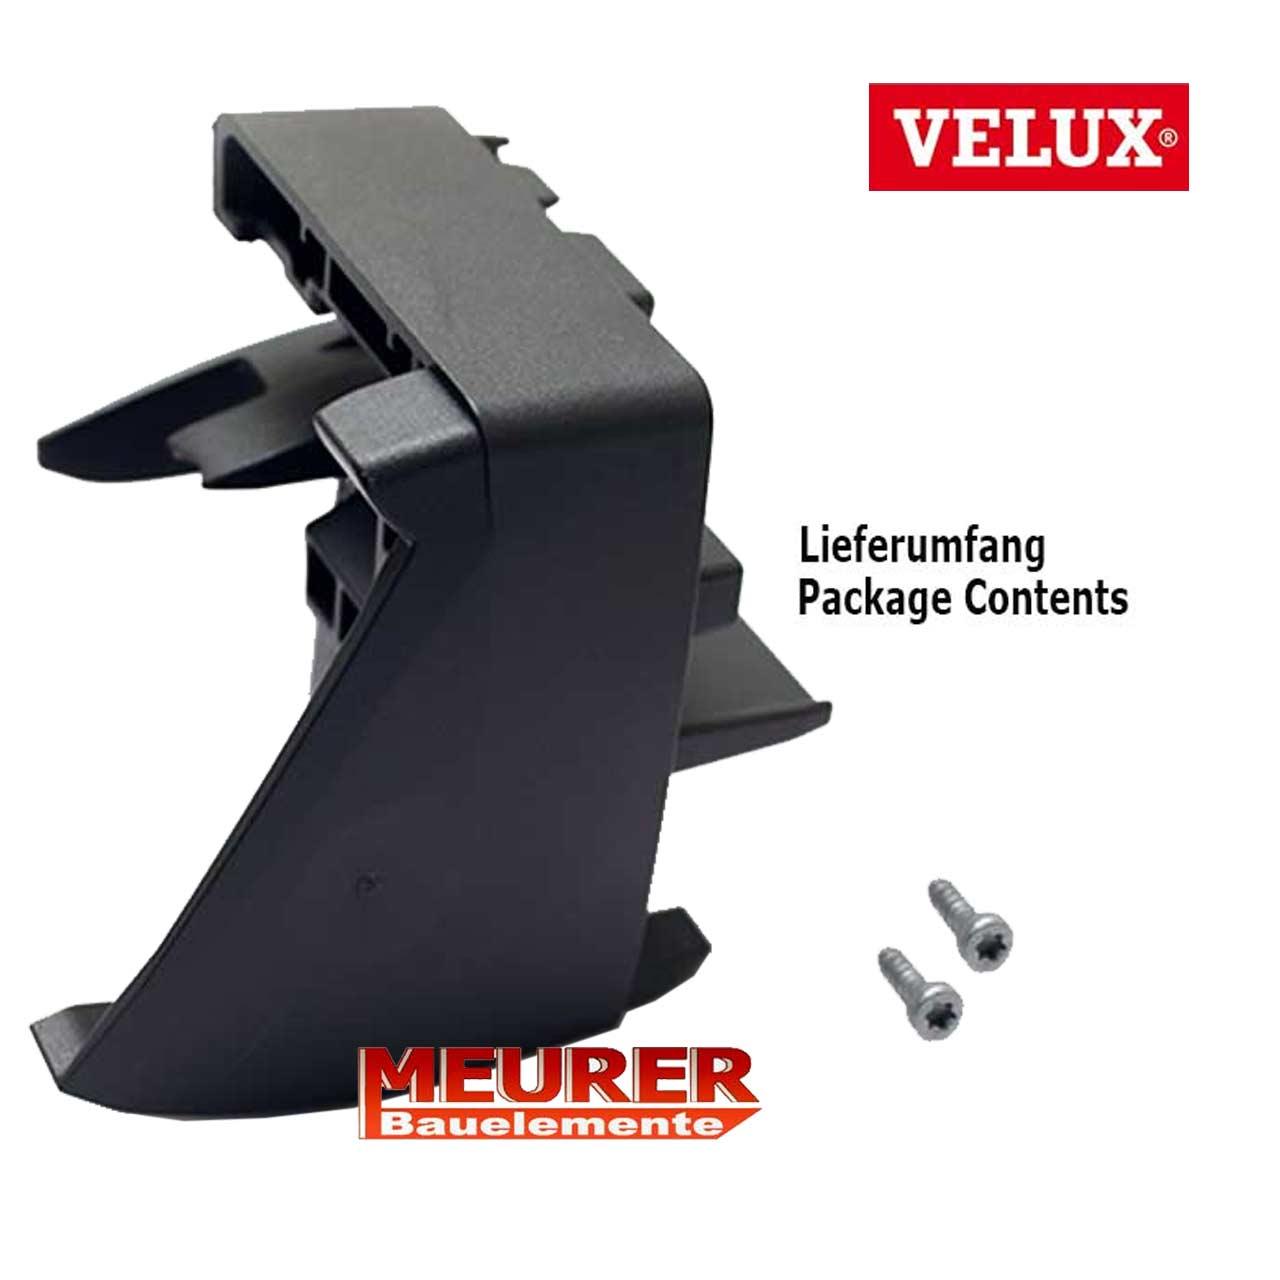 Full Size of Velux Fenster Rollo Ersatzteile Preise Einbauen Kaufen Wohnzimmer Velux Scharnier